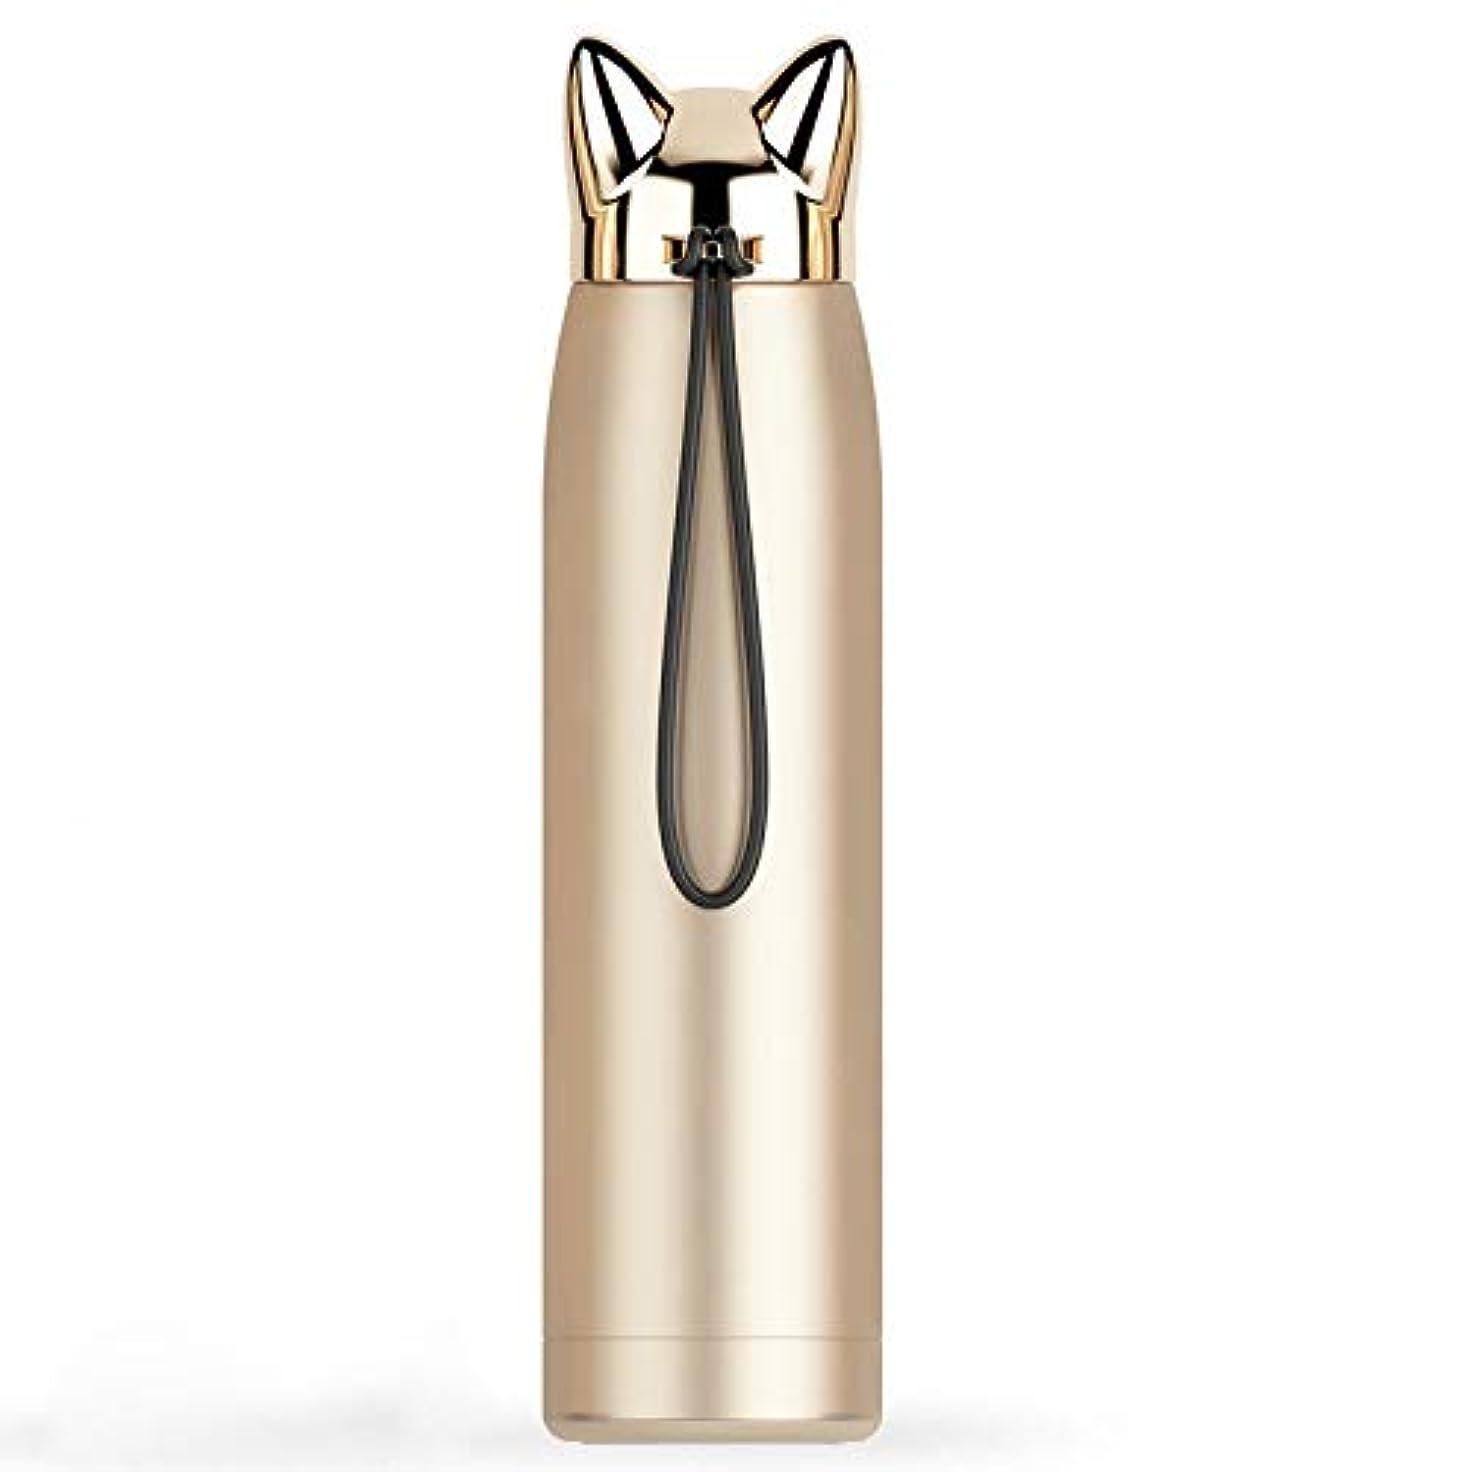 感情座標預言者Xiaoyuna 二重壁魔法瓶ステンレス鋼真空フラスコカップかわいい猫キツネ耳サーマルコーヒーミルク旅行ウォーターボトルマグカップ320ミリリットル (Color : 320ml-Gold, Size : One size)